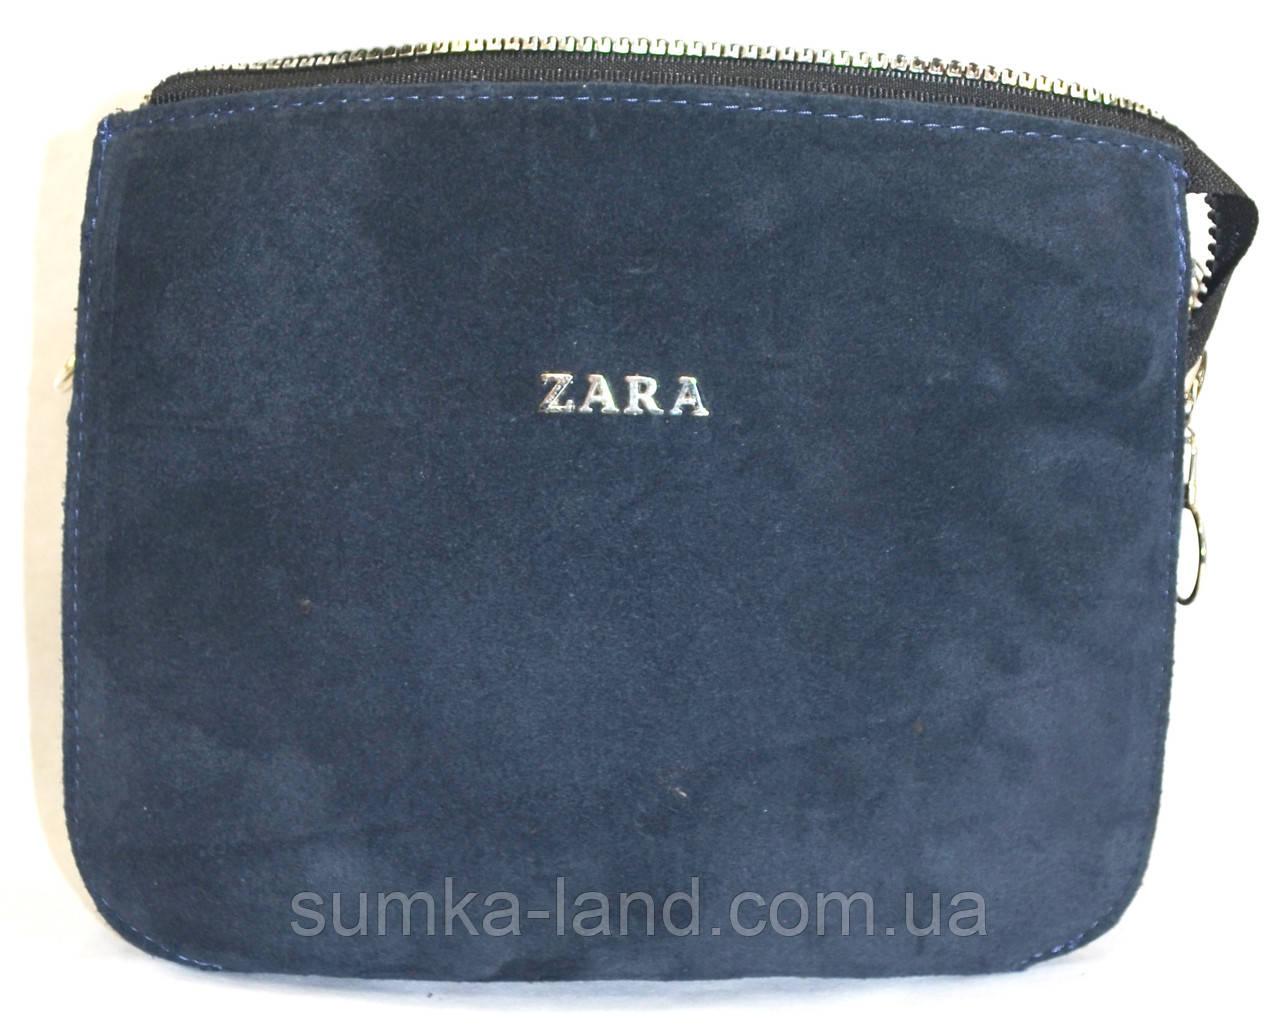 Женский синий клатч Zara из натуральной замши на цепочке 23*18 см